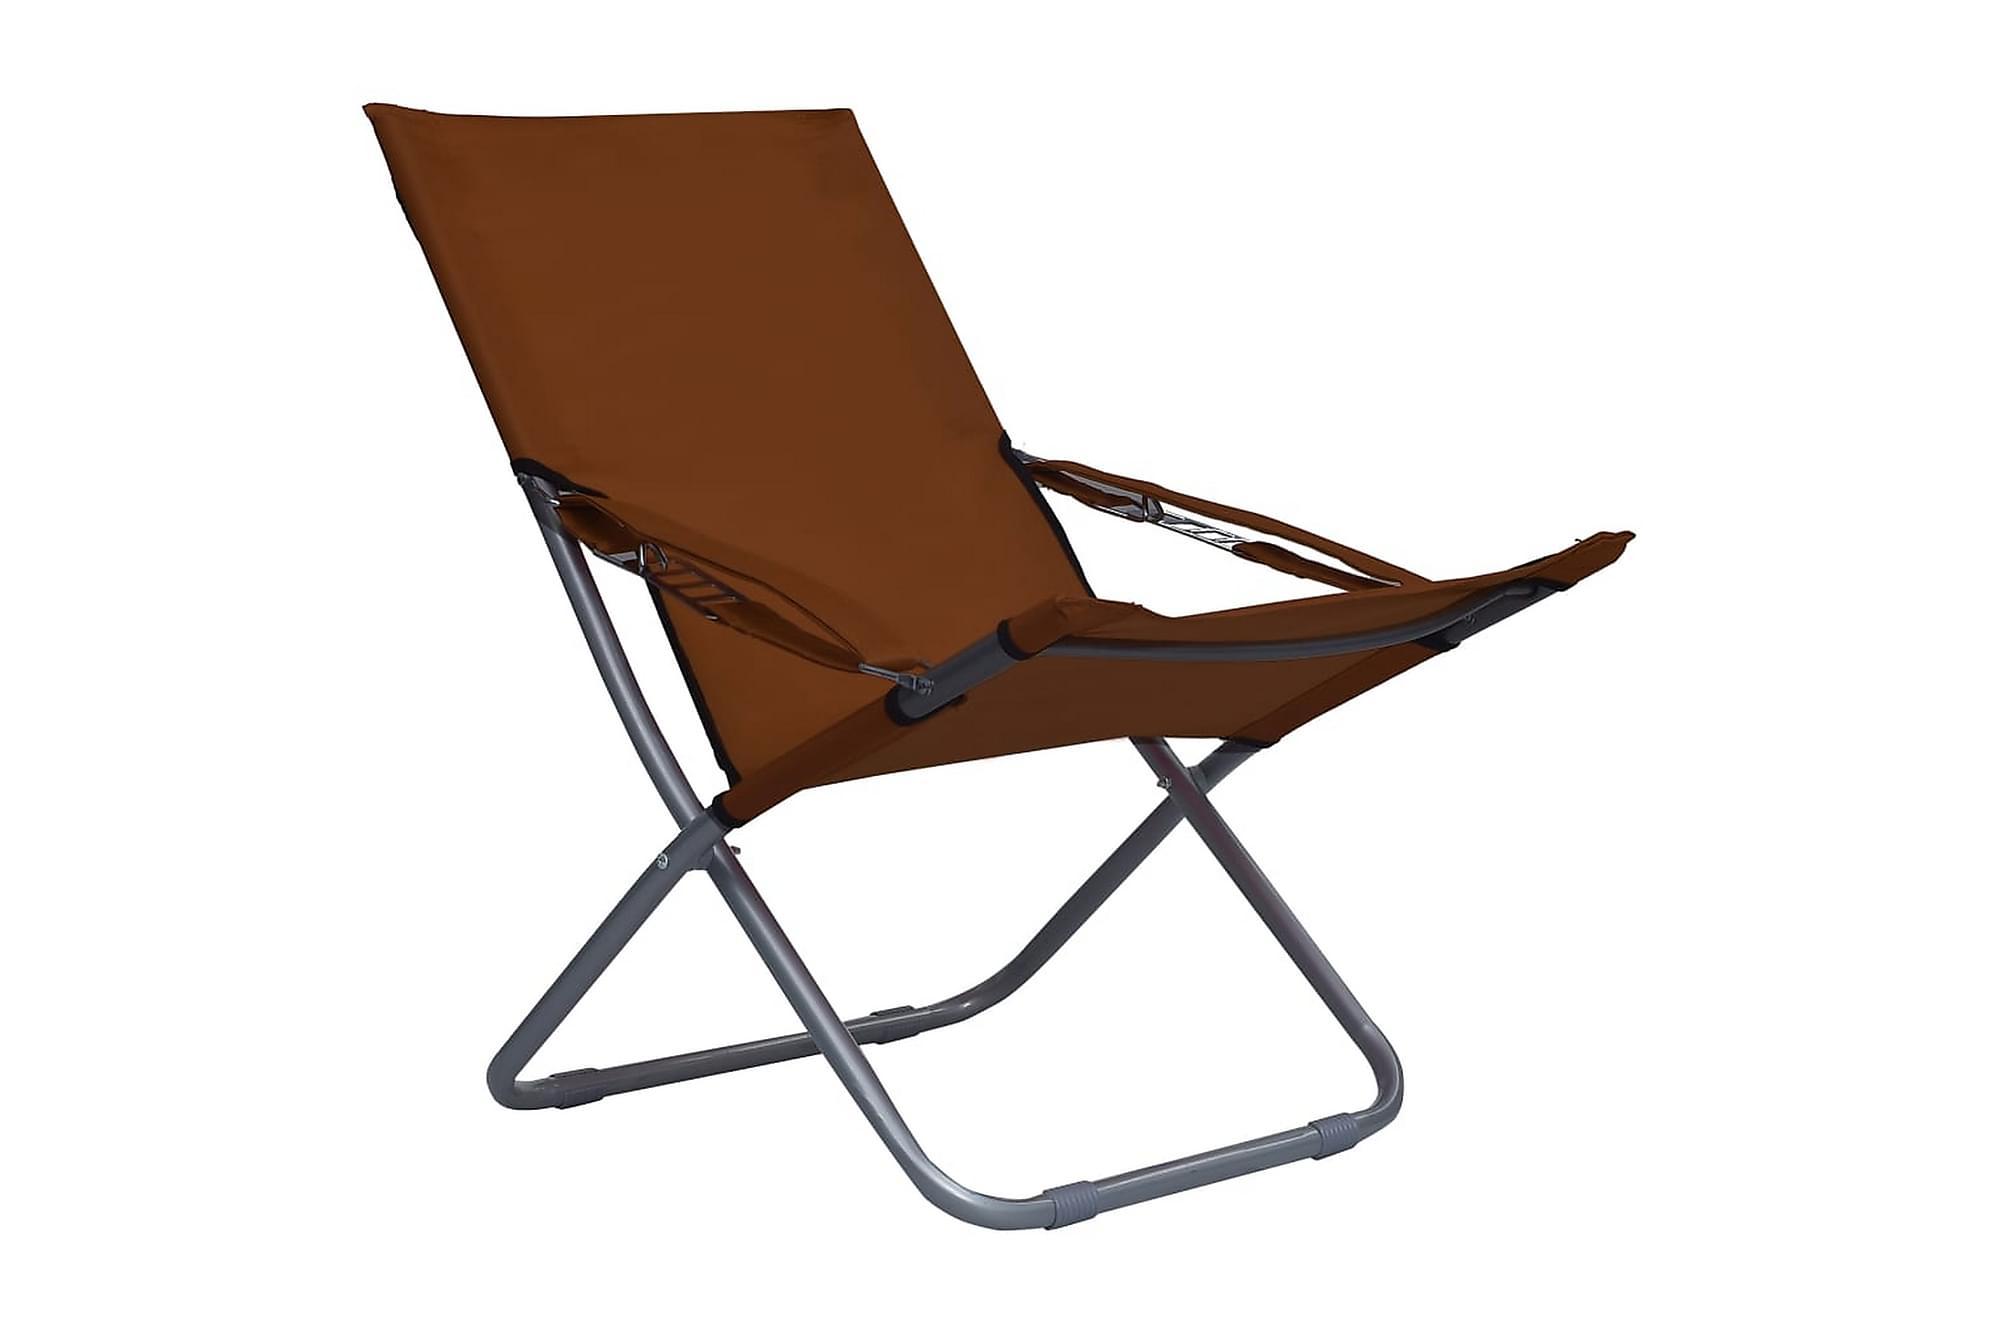 Hopfällbara strandstolar 2 st tyg brun, Campingstol